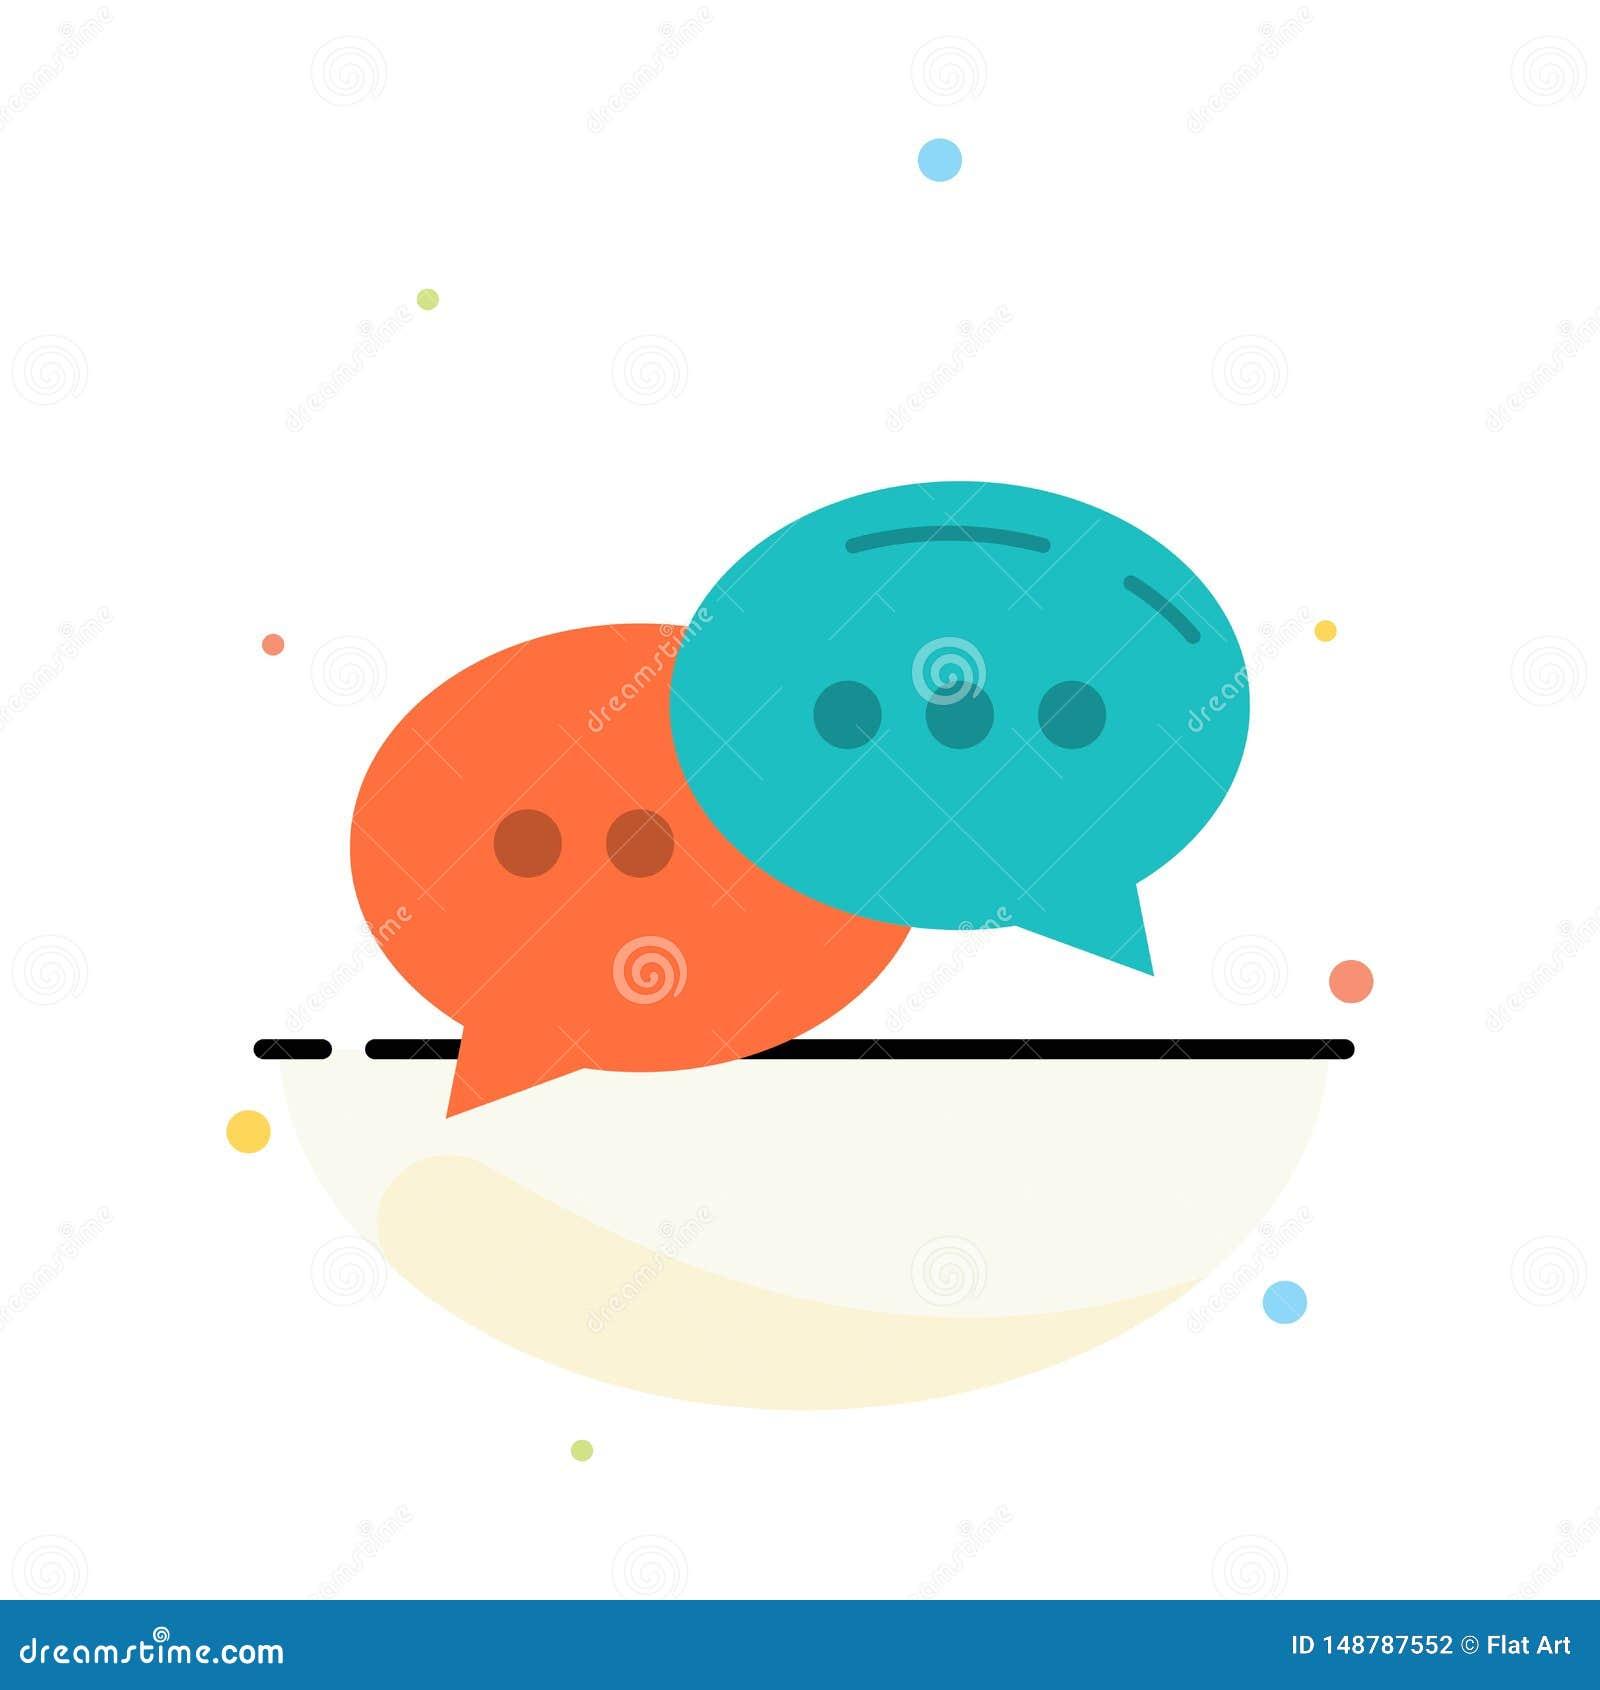 Pratstund som pratar, konversation, för färgsymbol för dialog abstrakt plan mall